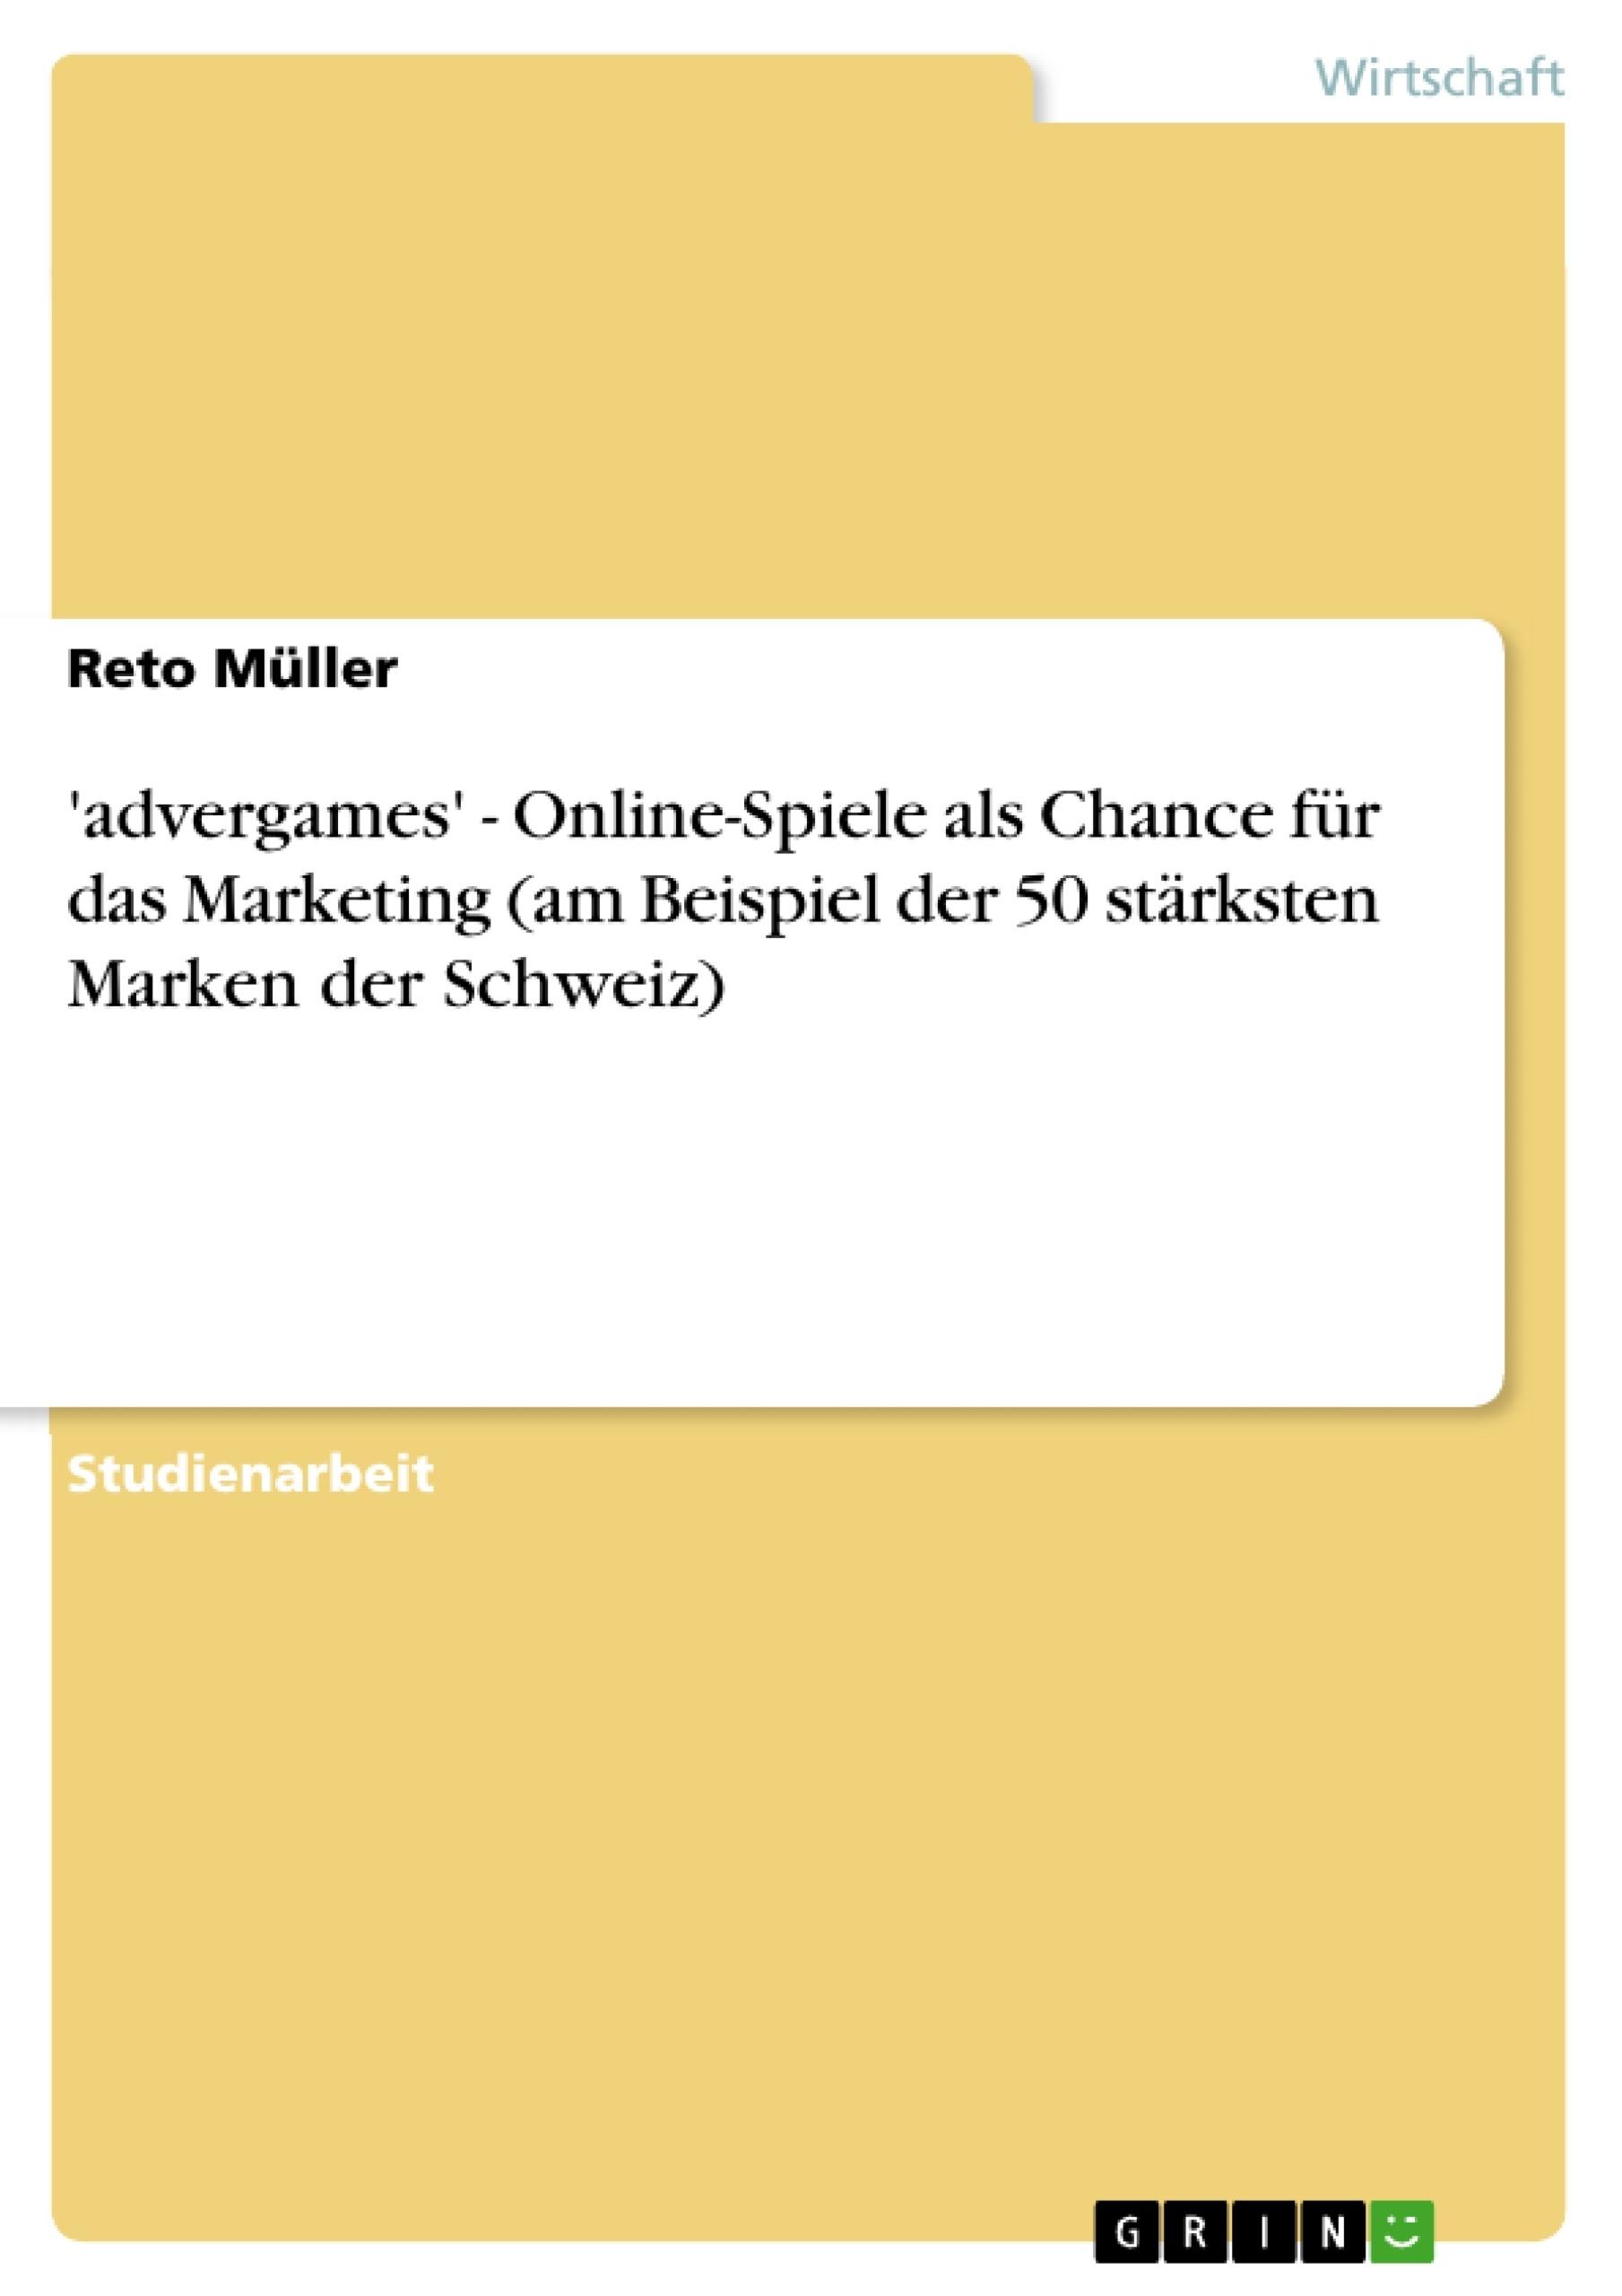 Titel: 'advergames' - Online-Spiele als Chance für das Marketing (am Beispiel der 50 stärksten Marken der Schweiz)